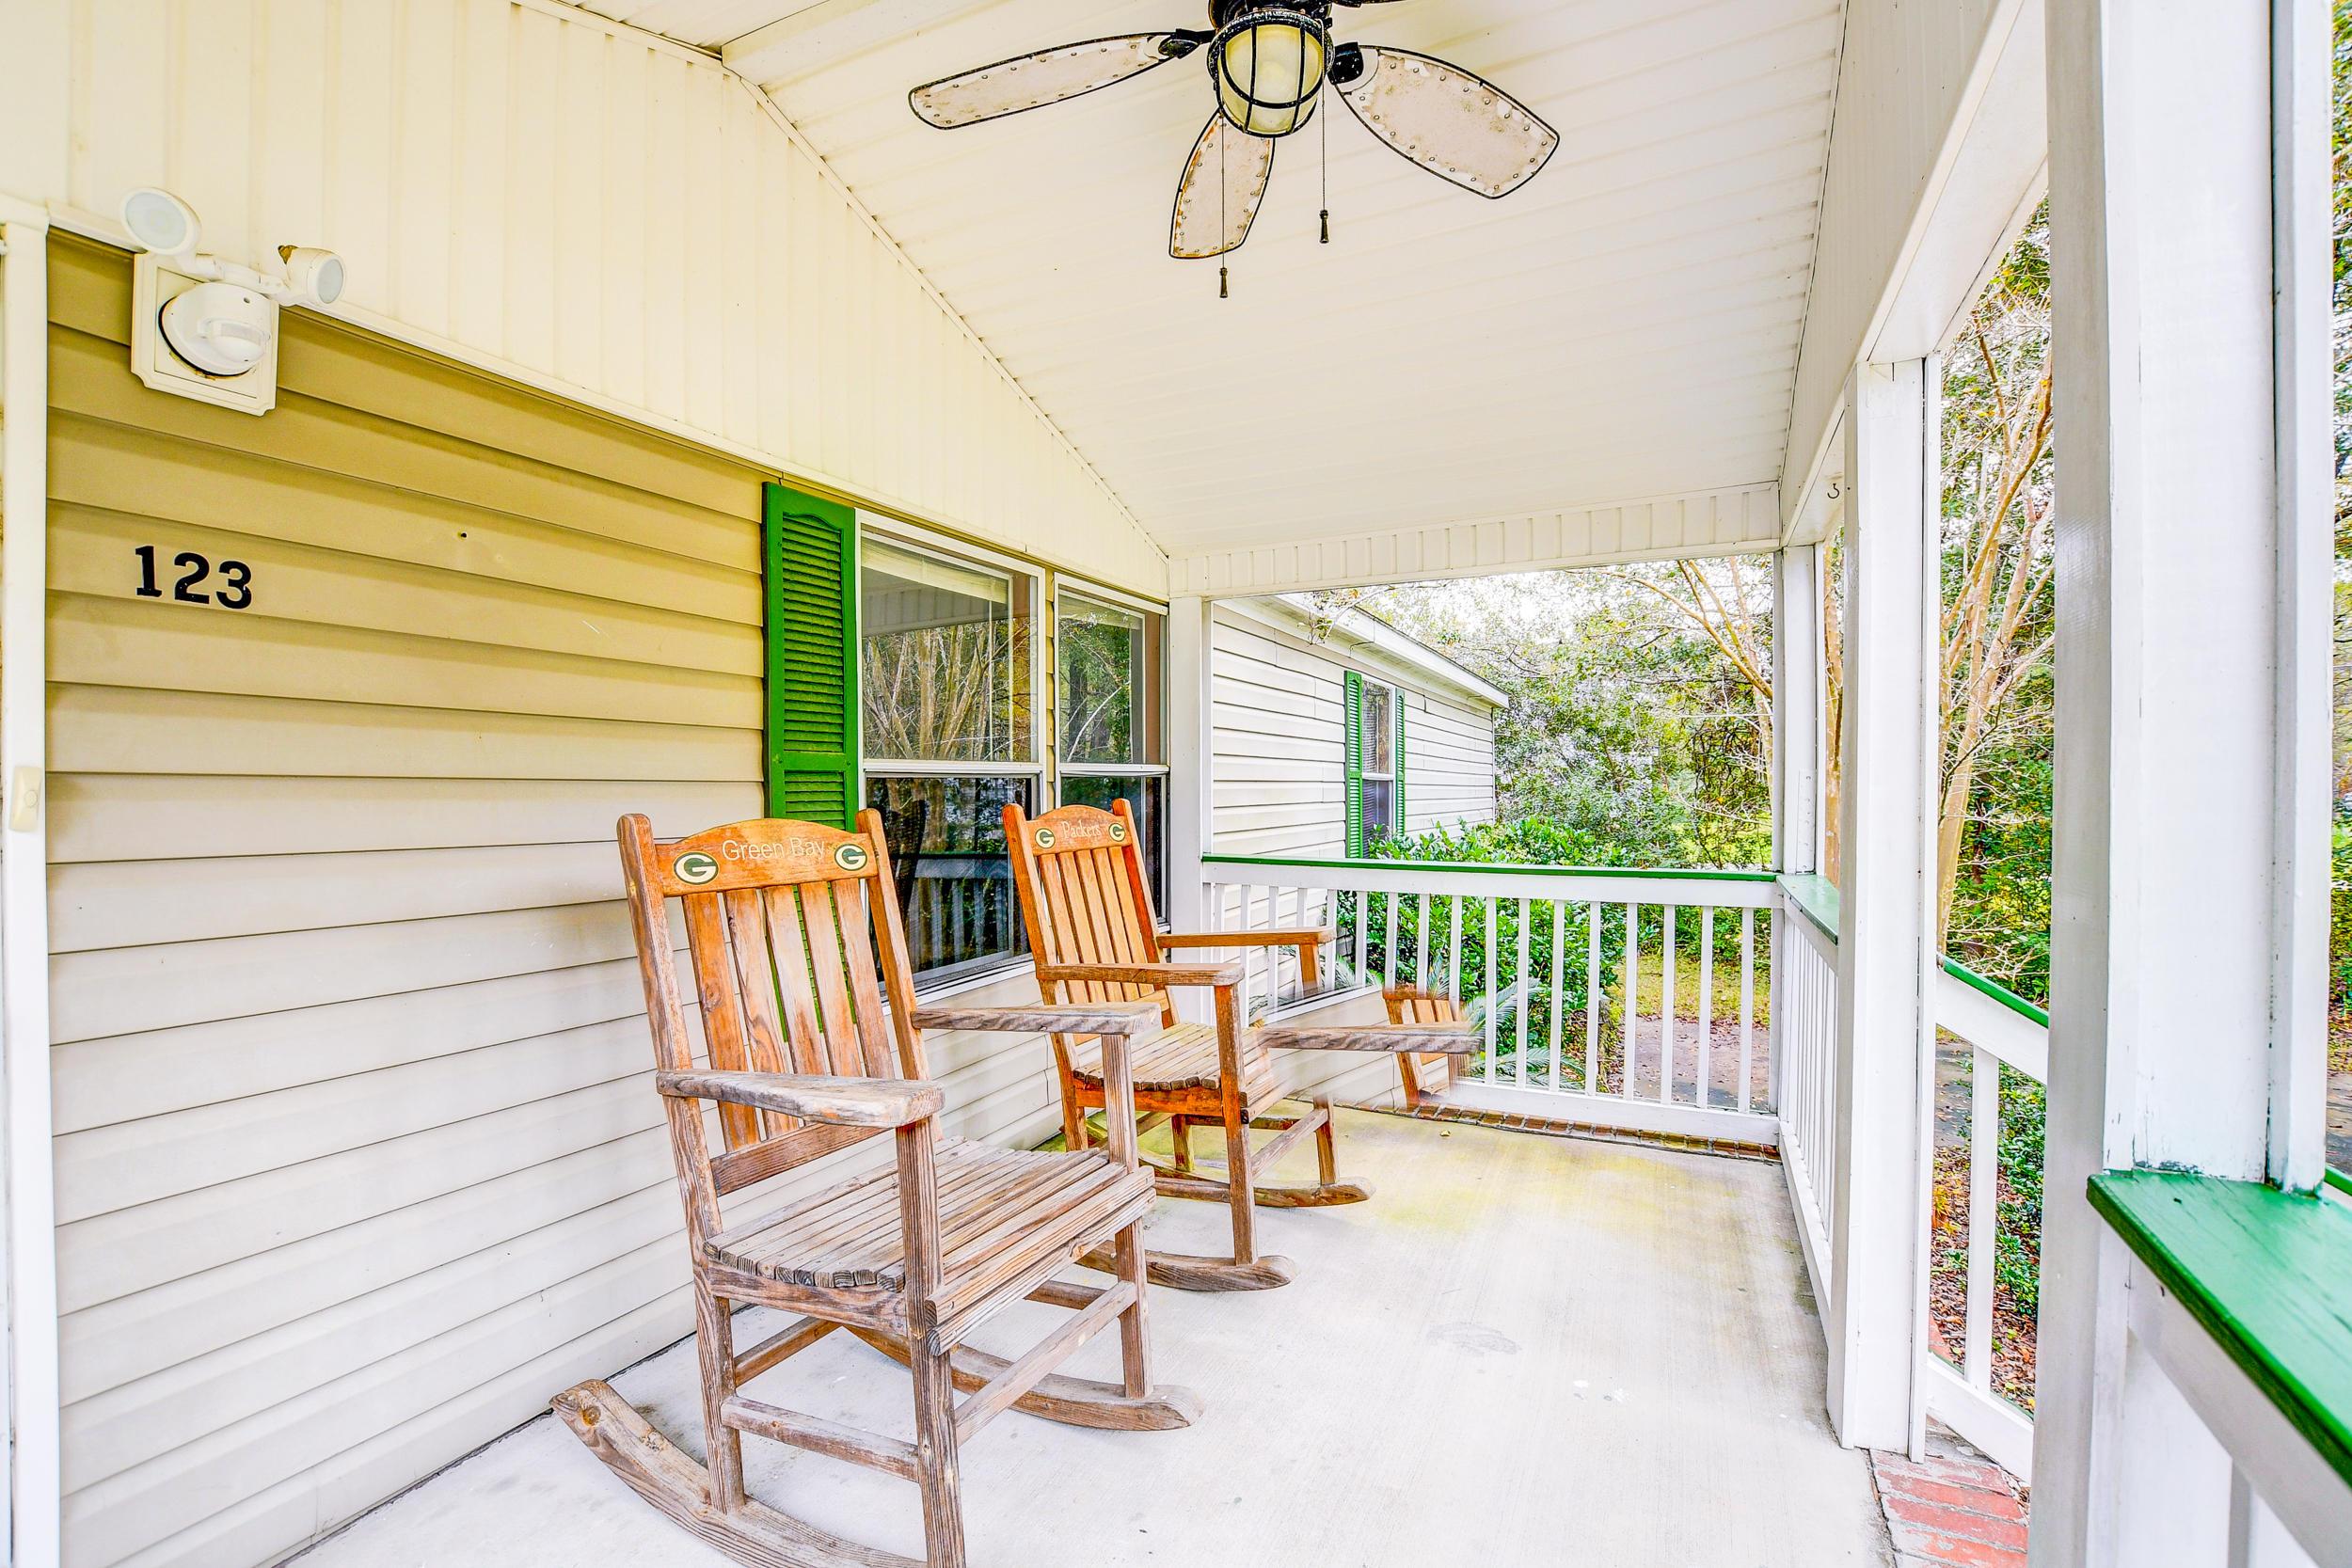 Clemson Terrace Homes For Sale - 123 Colkitt, Summerville, SC - 7